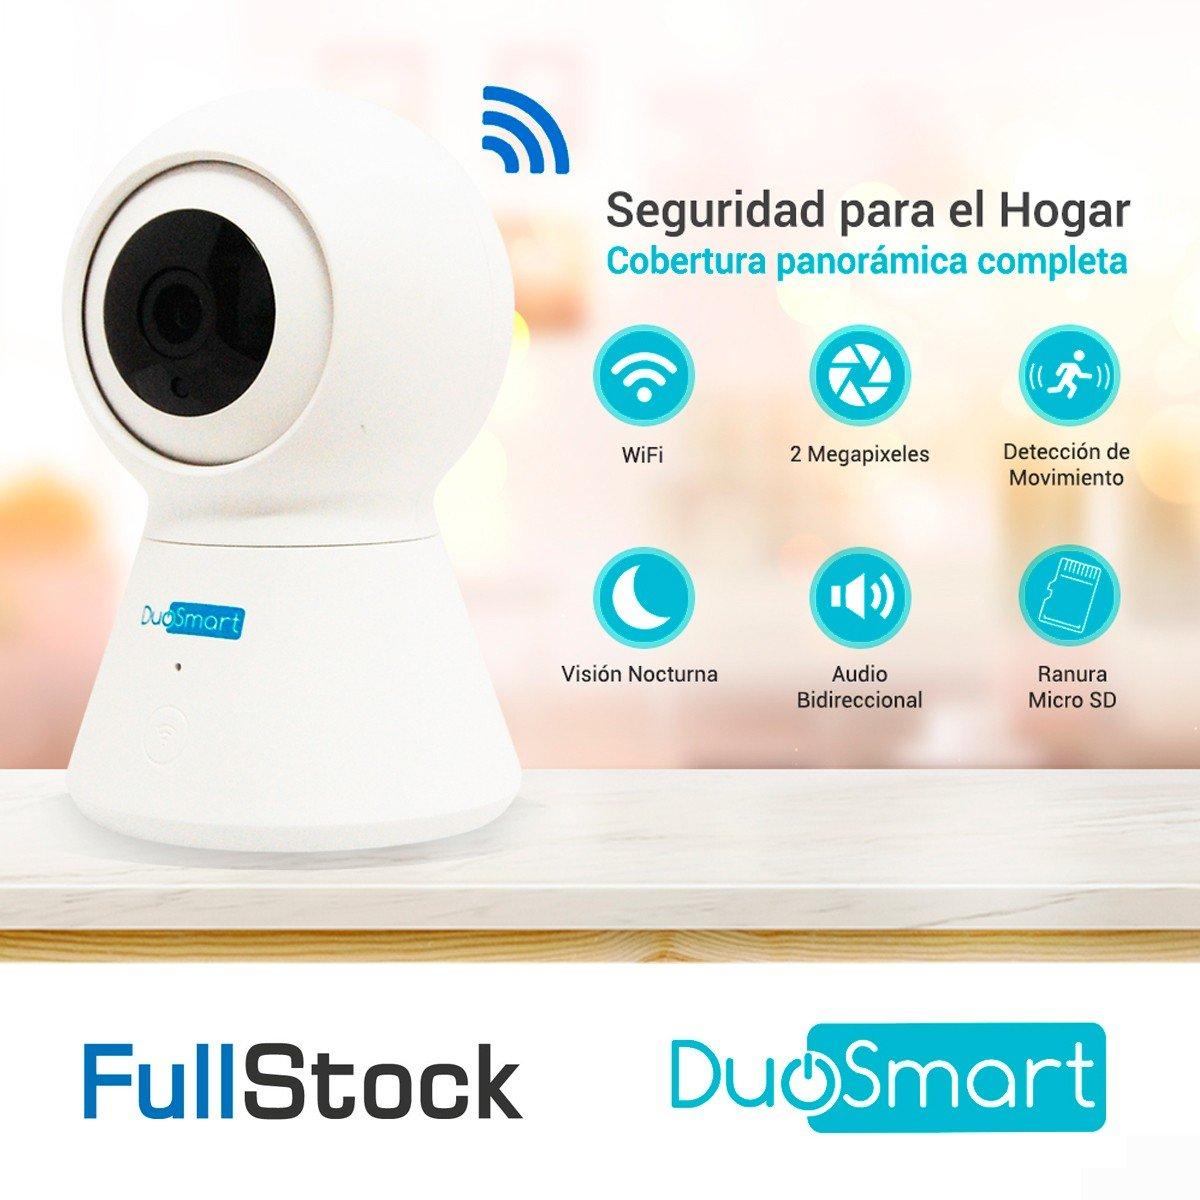 - FullStock